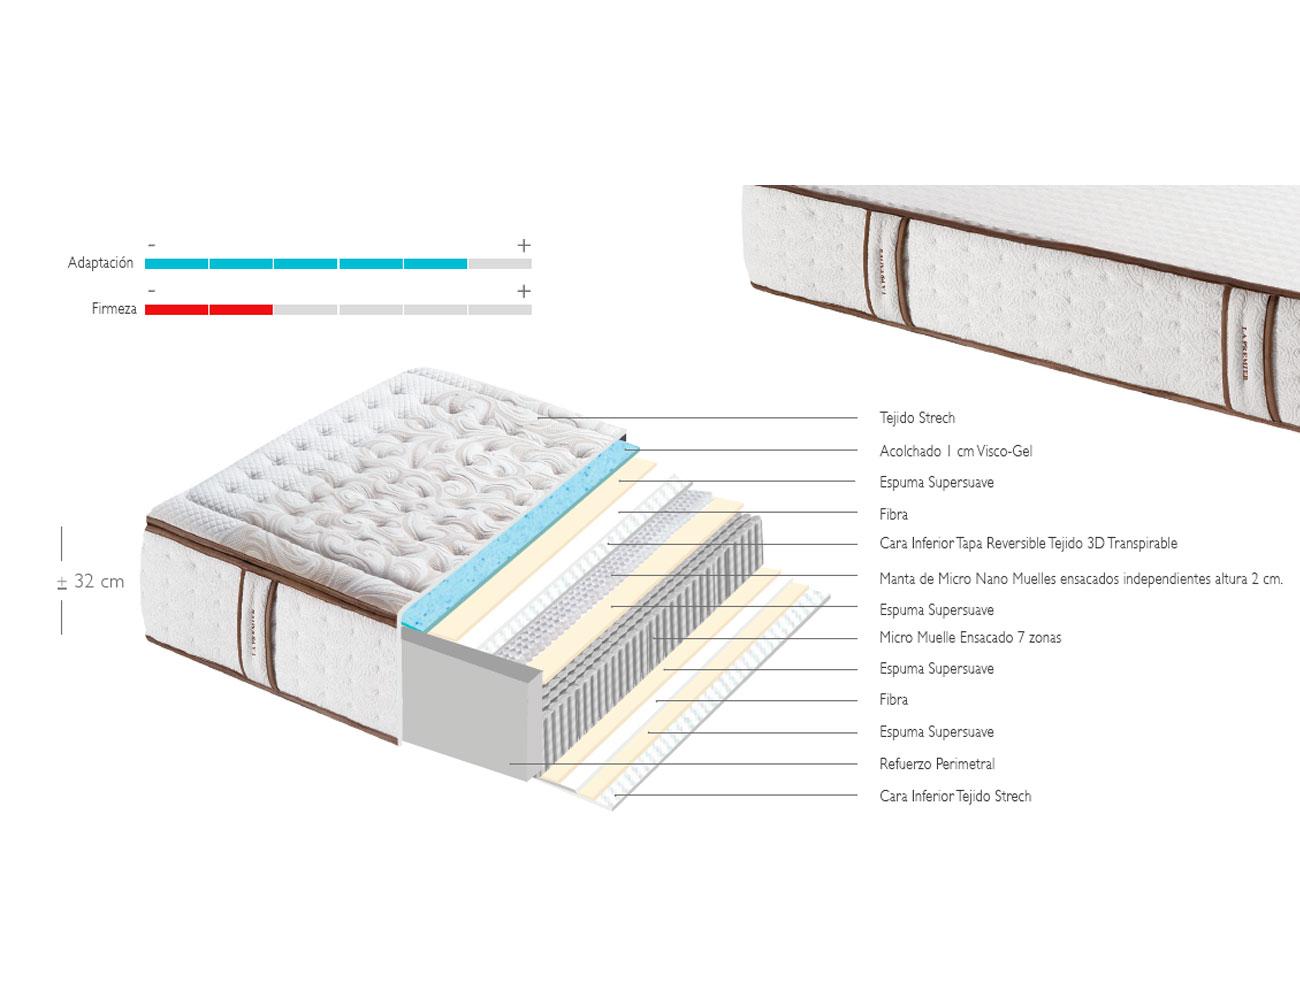 Colchon la premiere nano muelle micro 7 zonas descanso viscoelastico 120